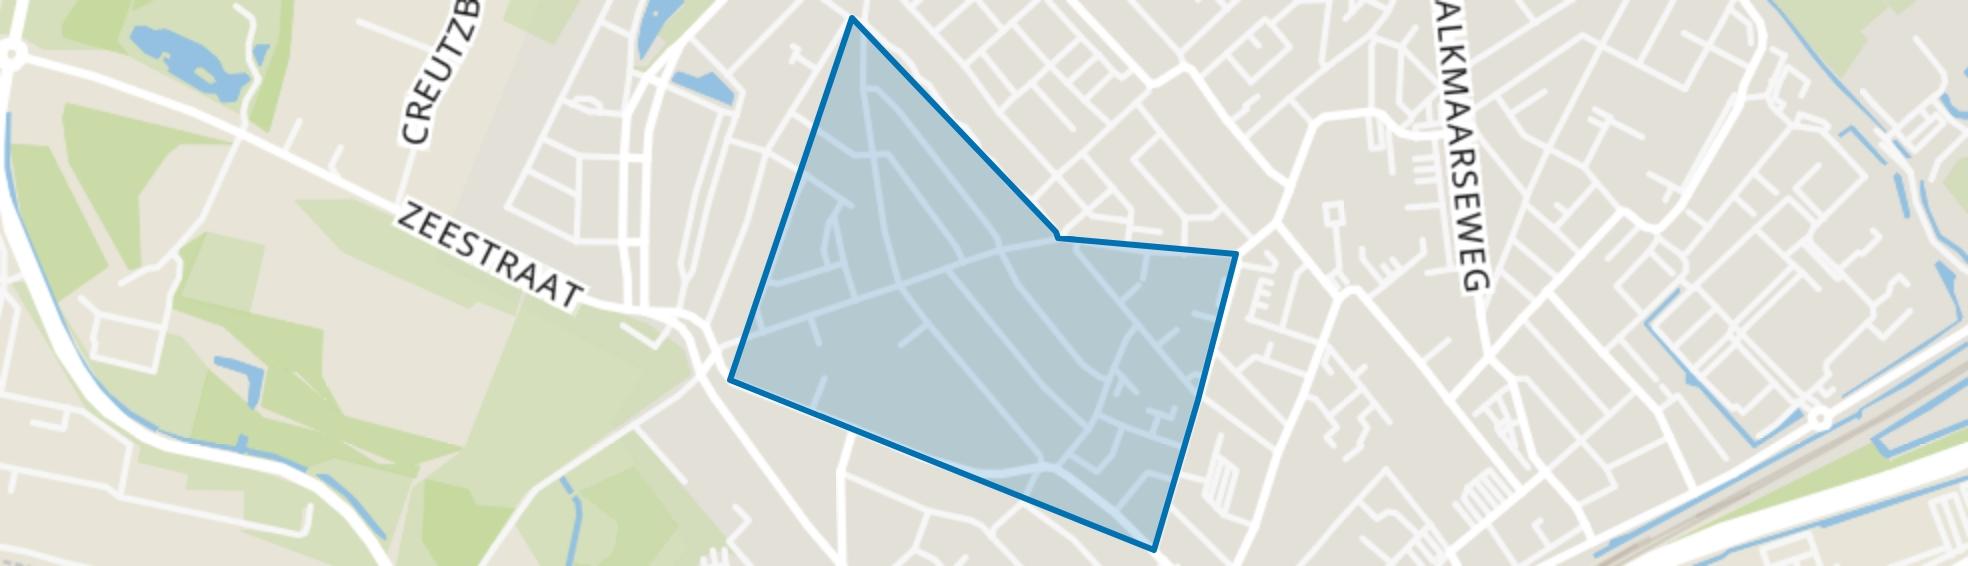 Ronde Boogaard, Beverwijk map